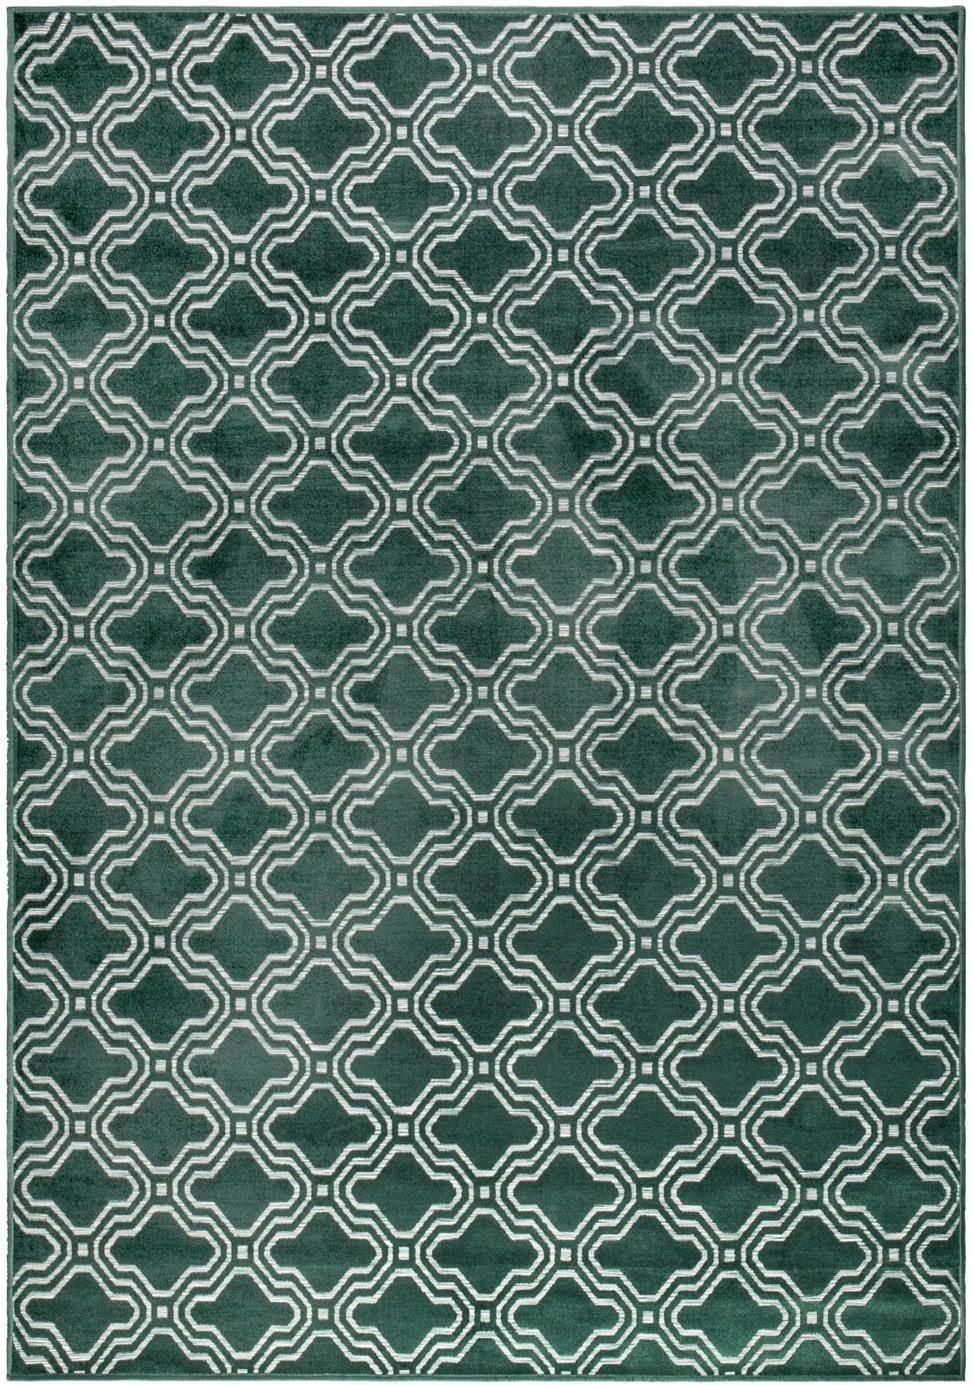 Teppich Feike mit Hoch-Tief-Effekt in Dunkelgrün, Flor: 52%Viskose, 36%Baumwoll, Grün, B 160 x L 230 cm (Größe M)